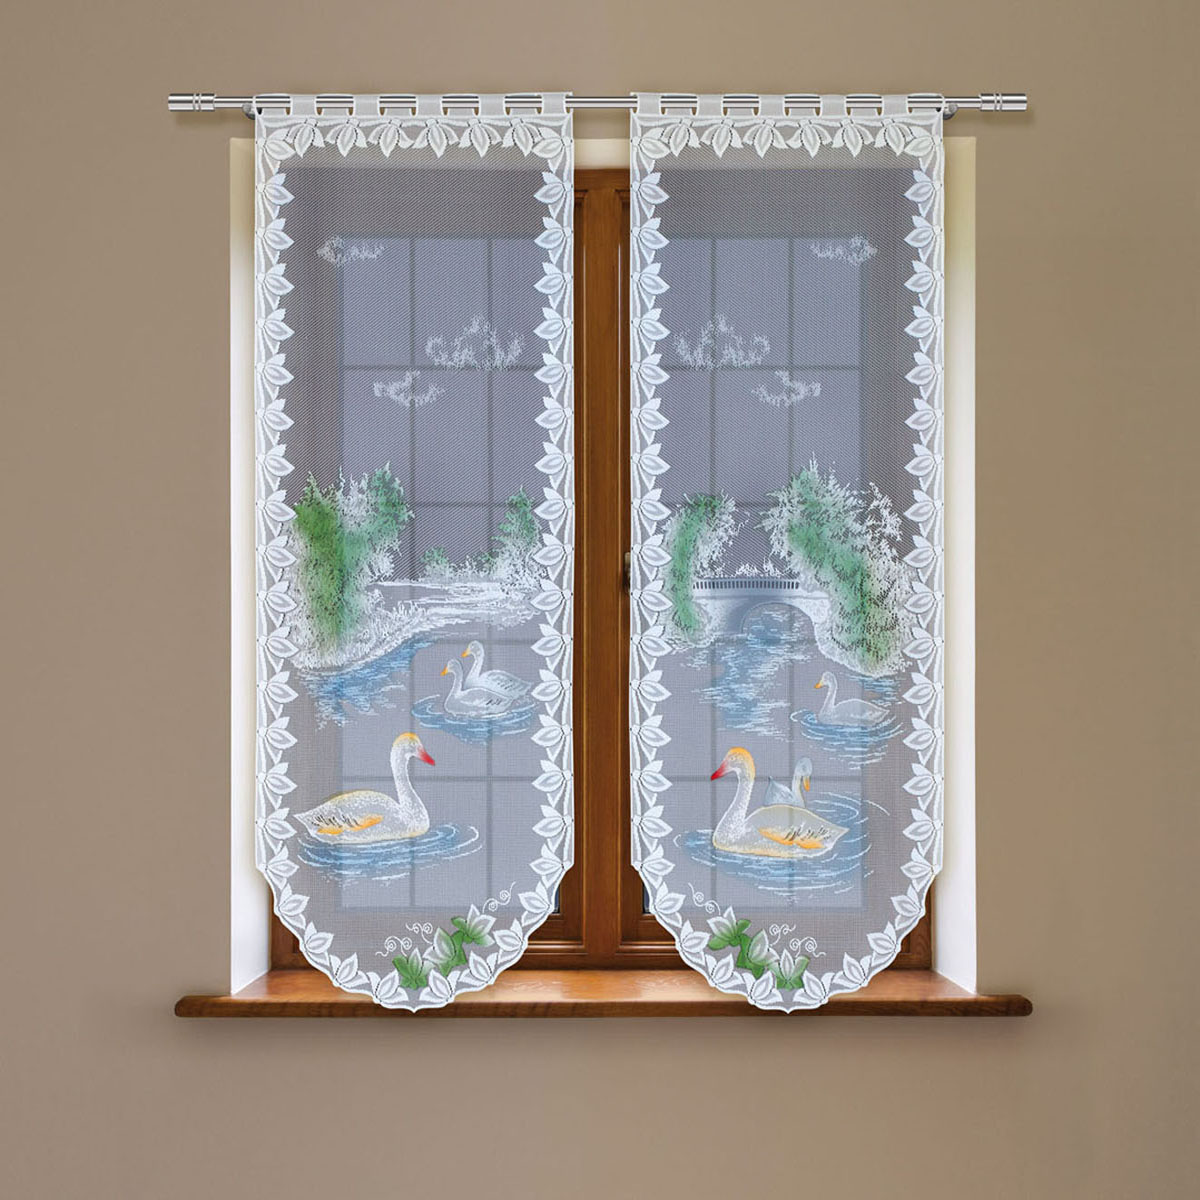 Гардины Haft, цвет: белый, высота 220 см. 4243Е/60 haft 221074 120